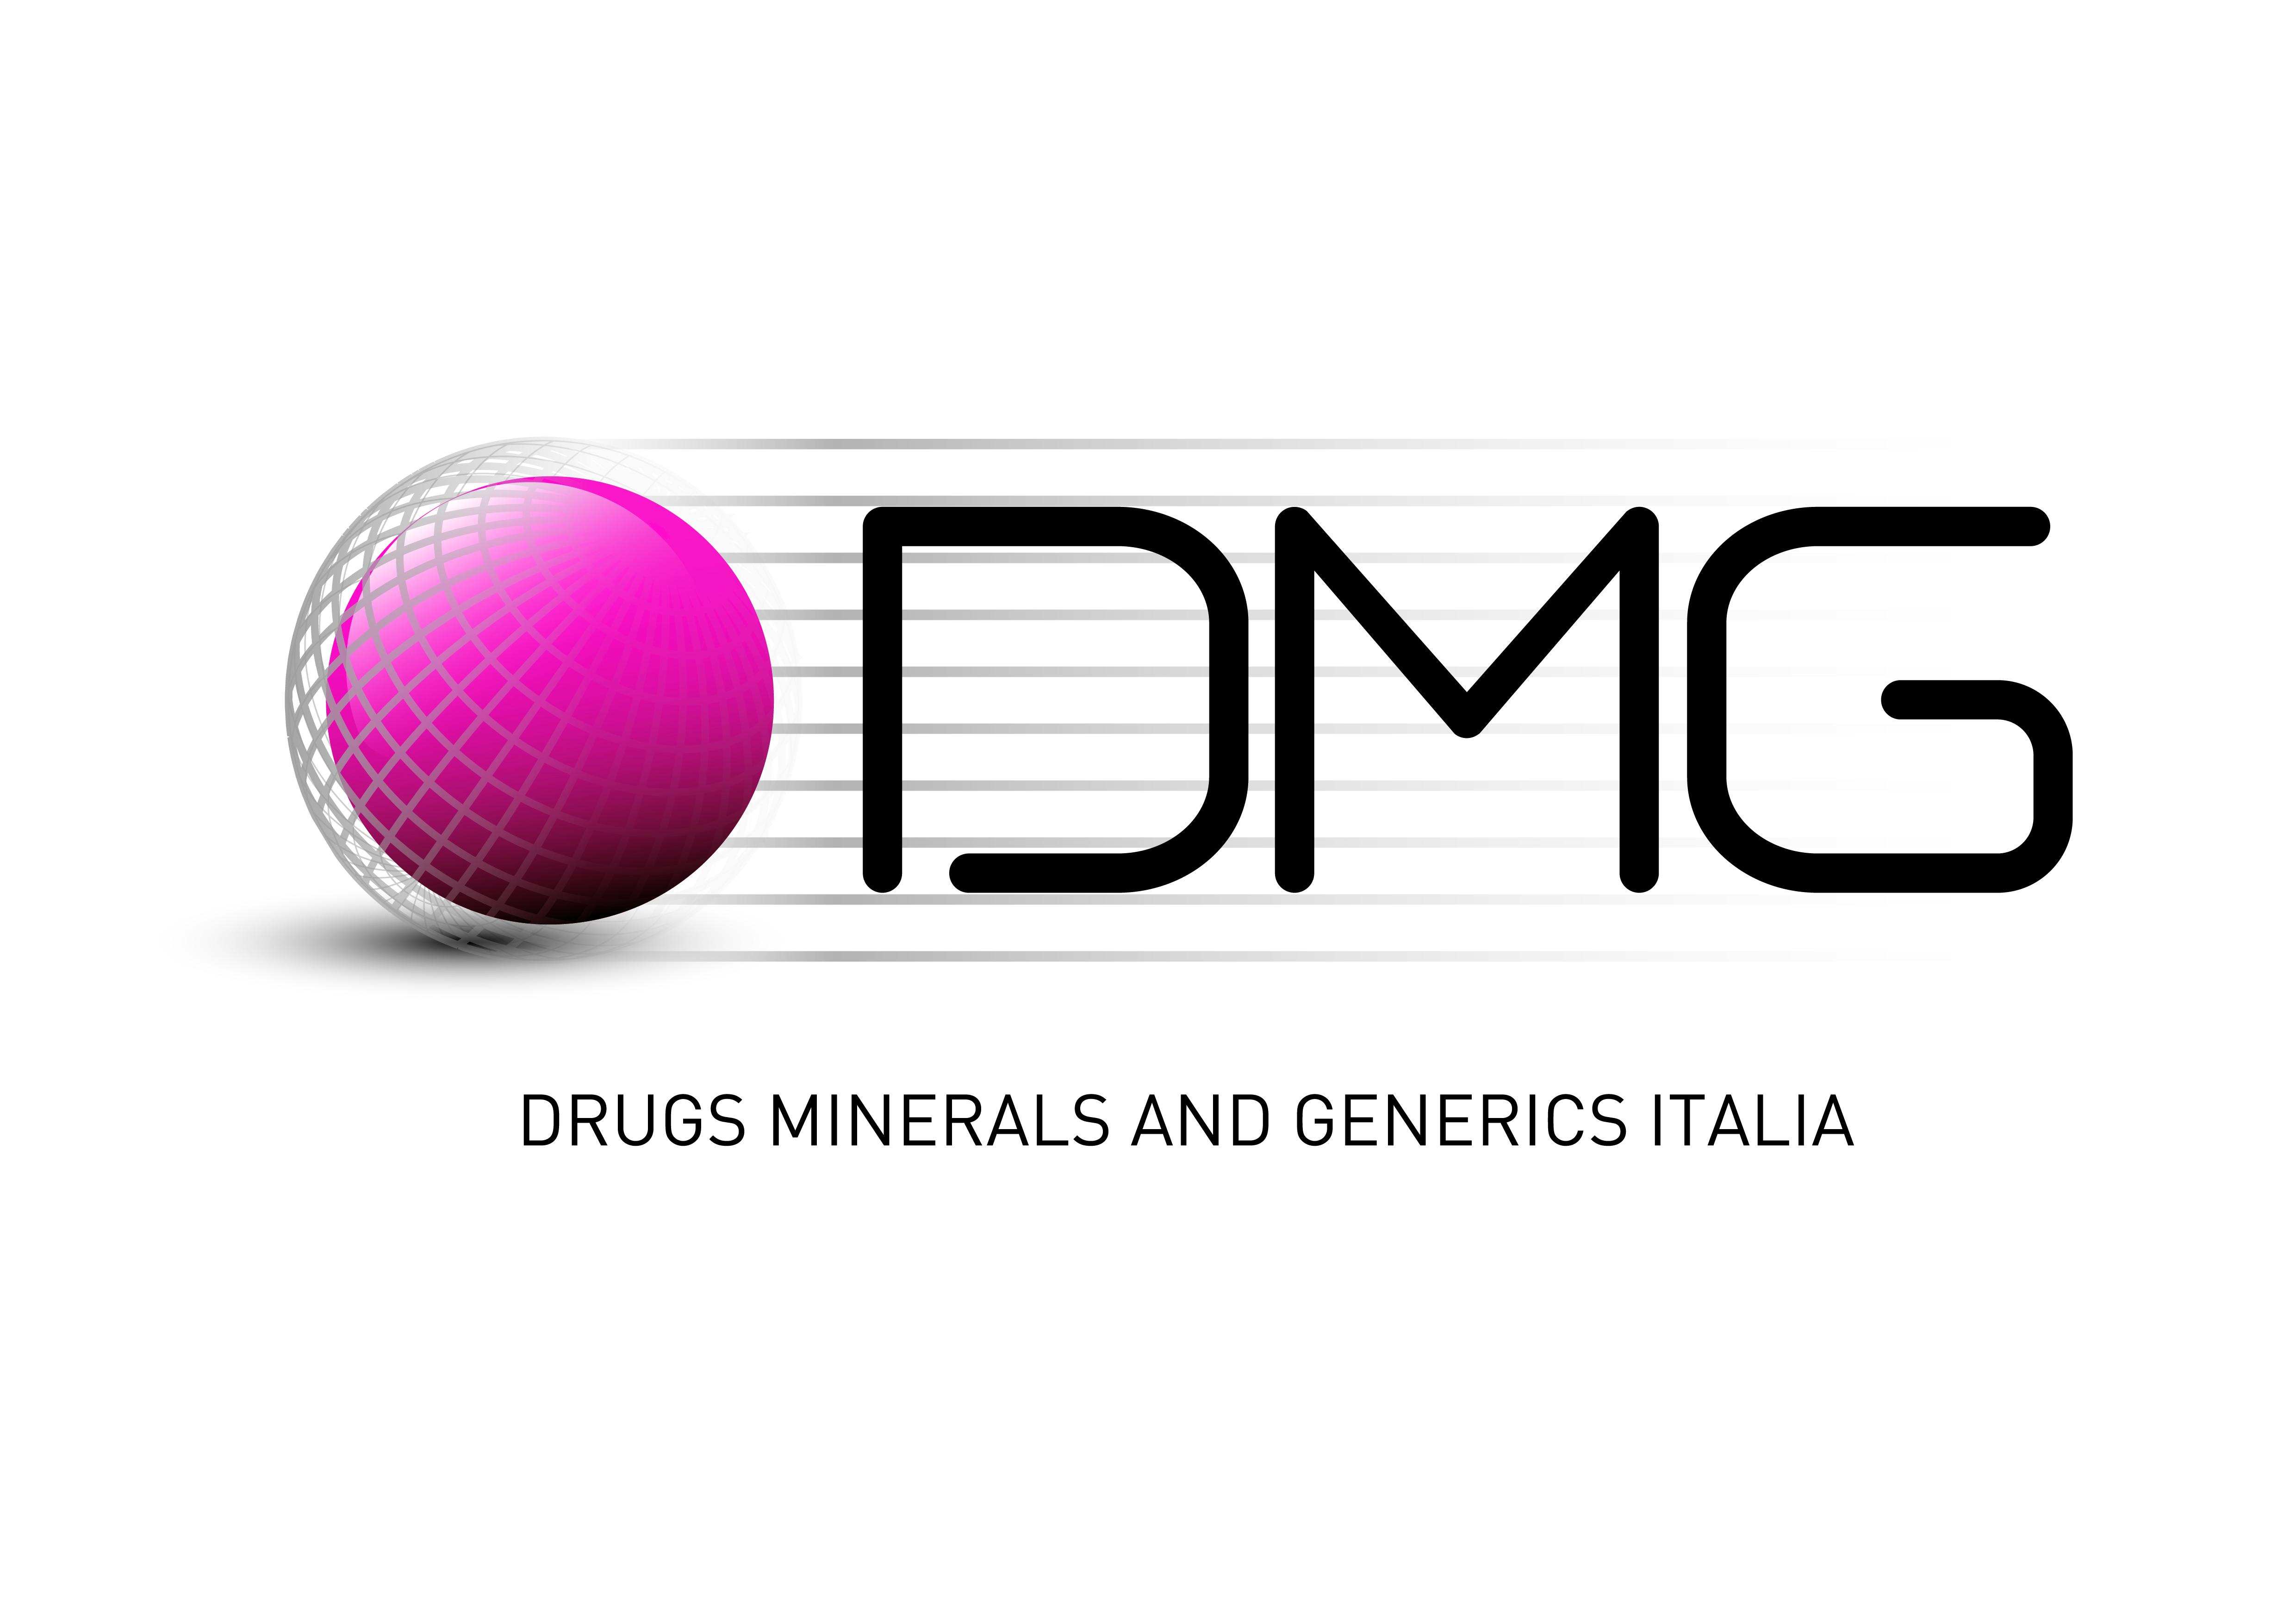 DMG Italia